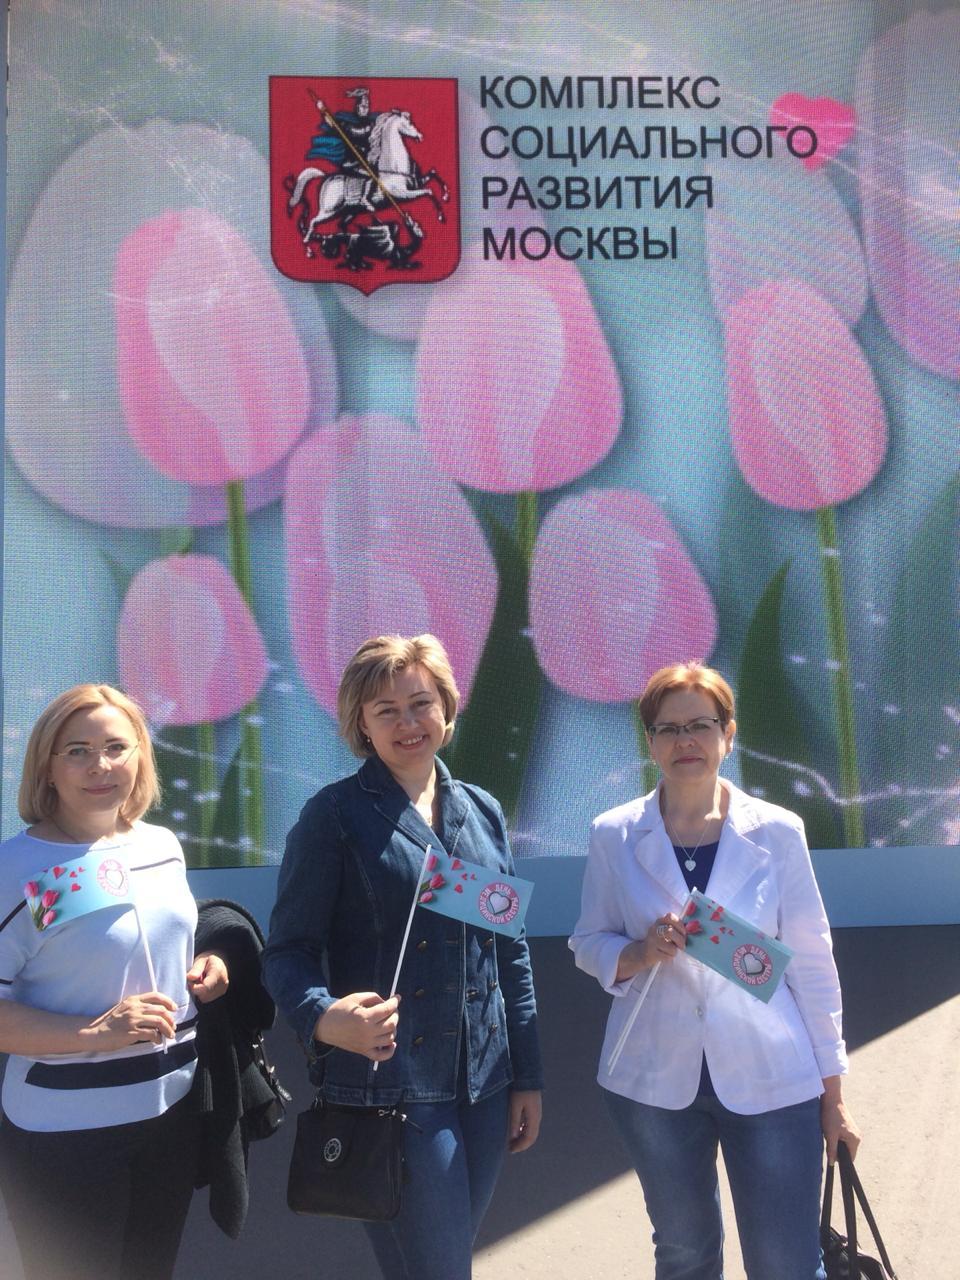 Международный день медицинской сестры отметили на ВДНХ